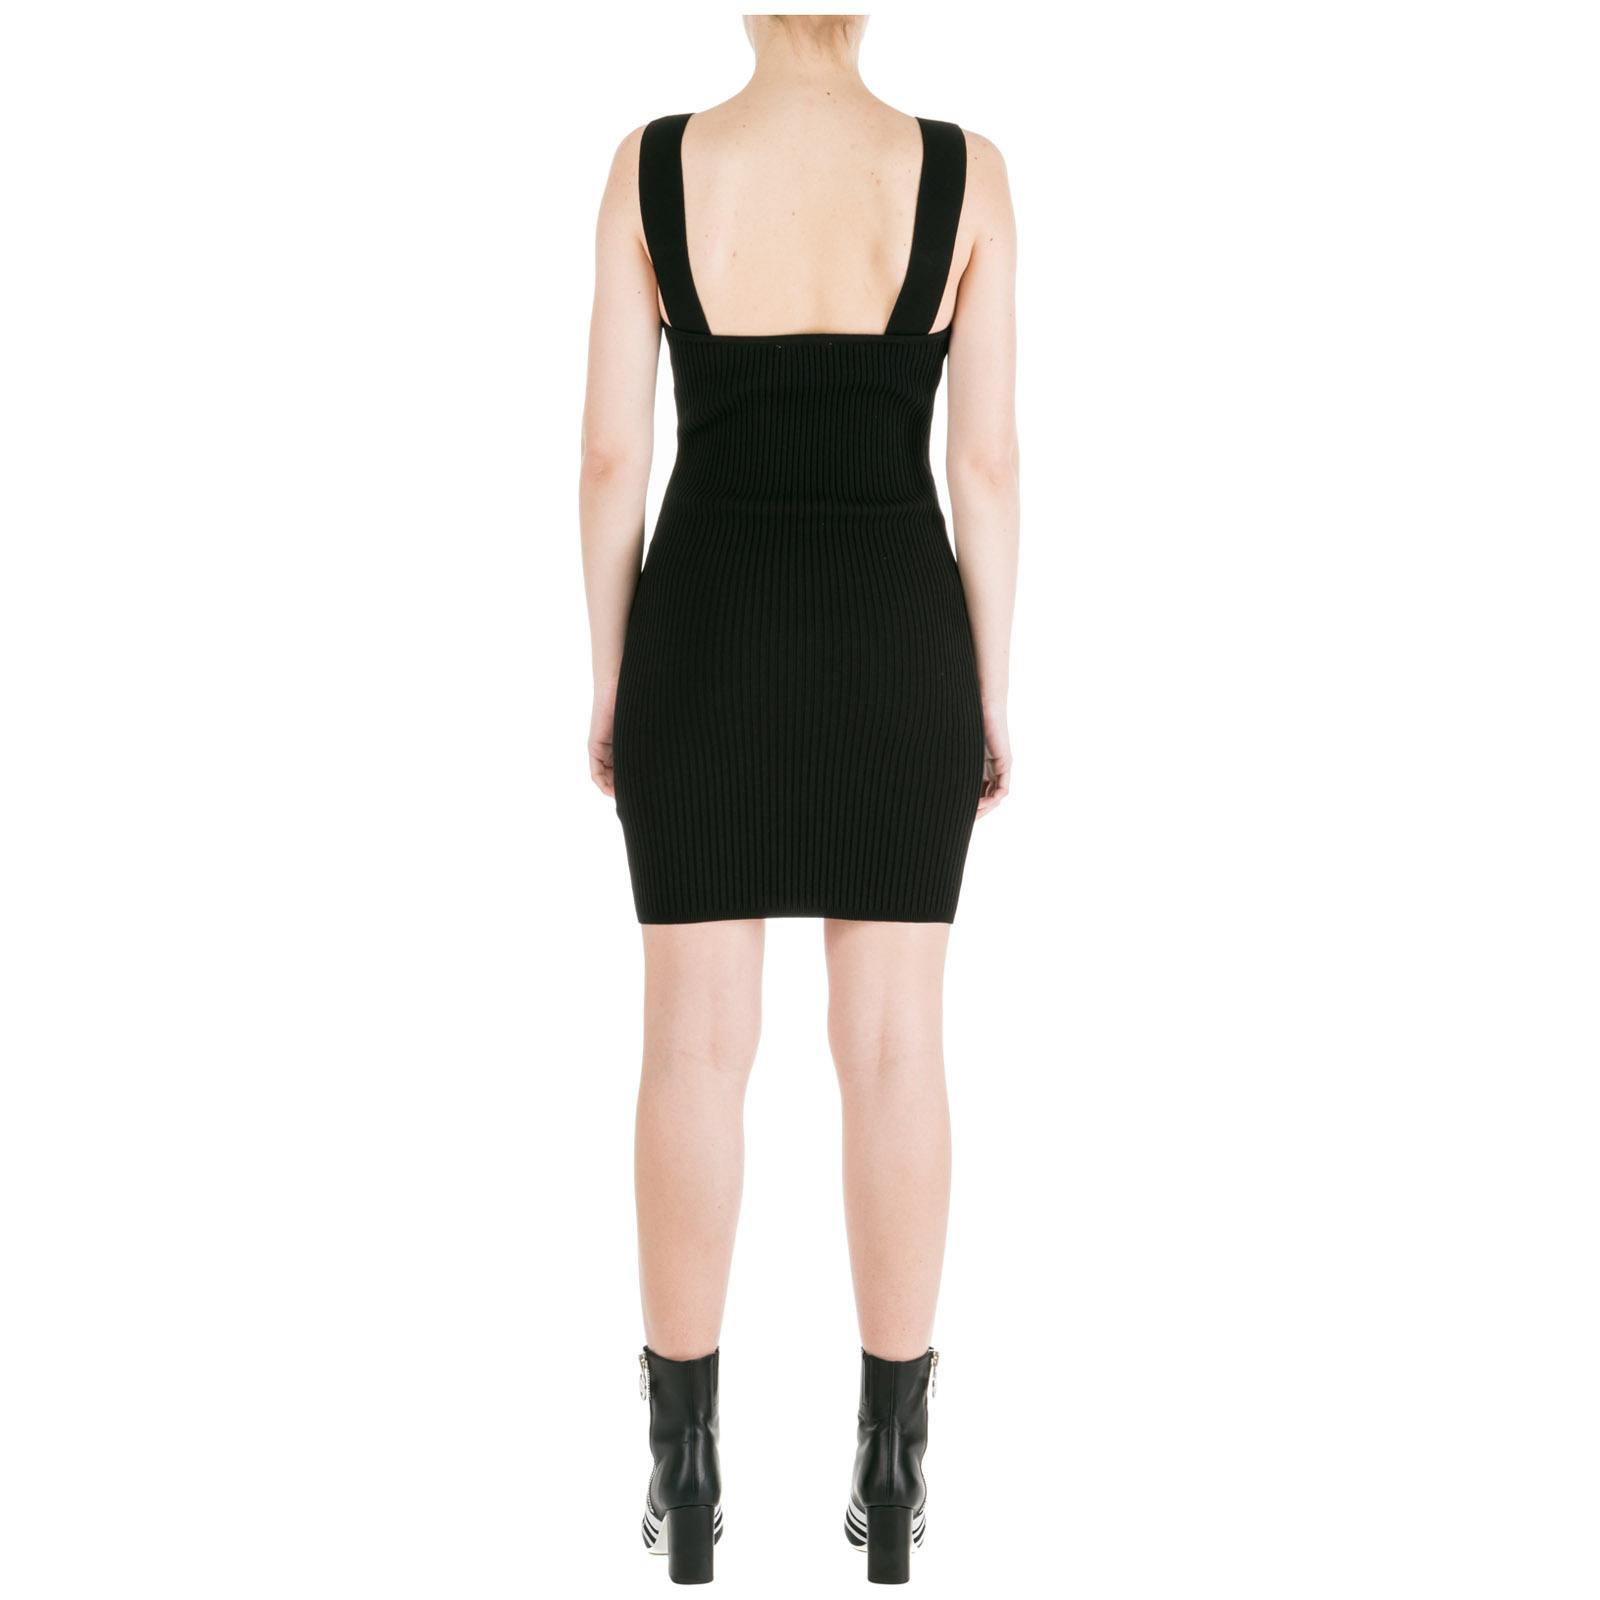 3ae72980b284 Vestito abito donna corto miniabito senza maniche Vestito abito donna corto  miniabito senza maniche ...